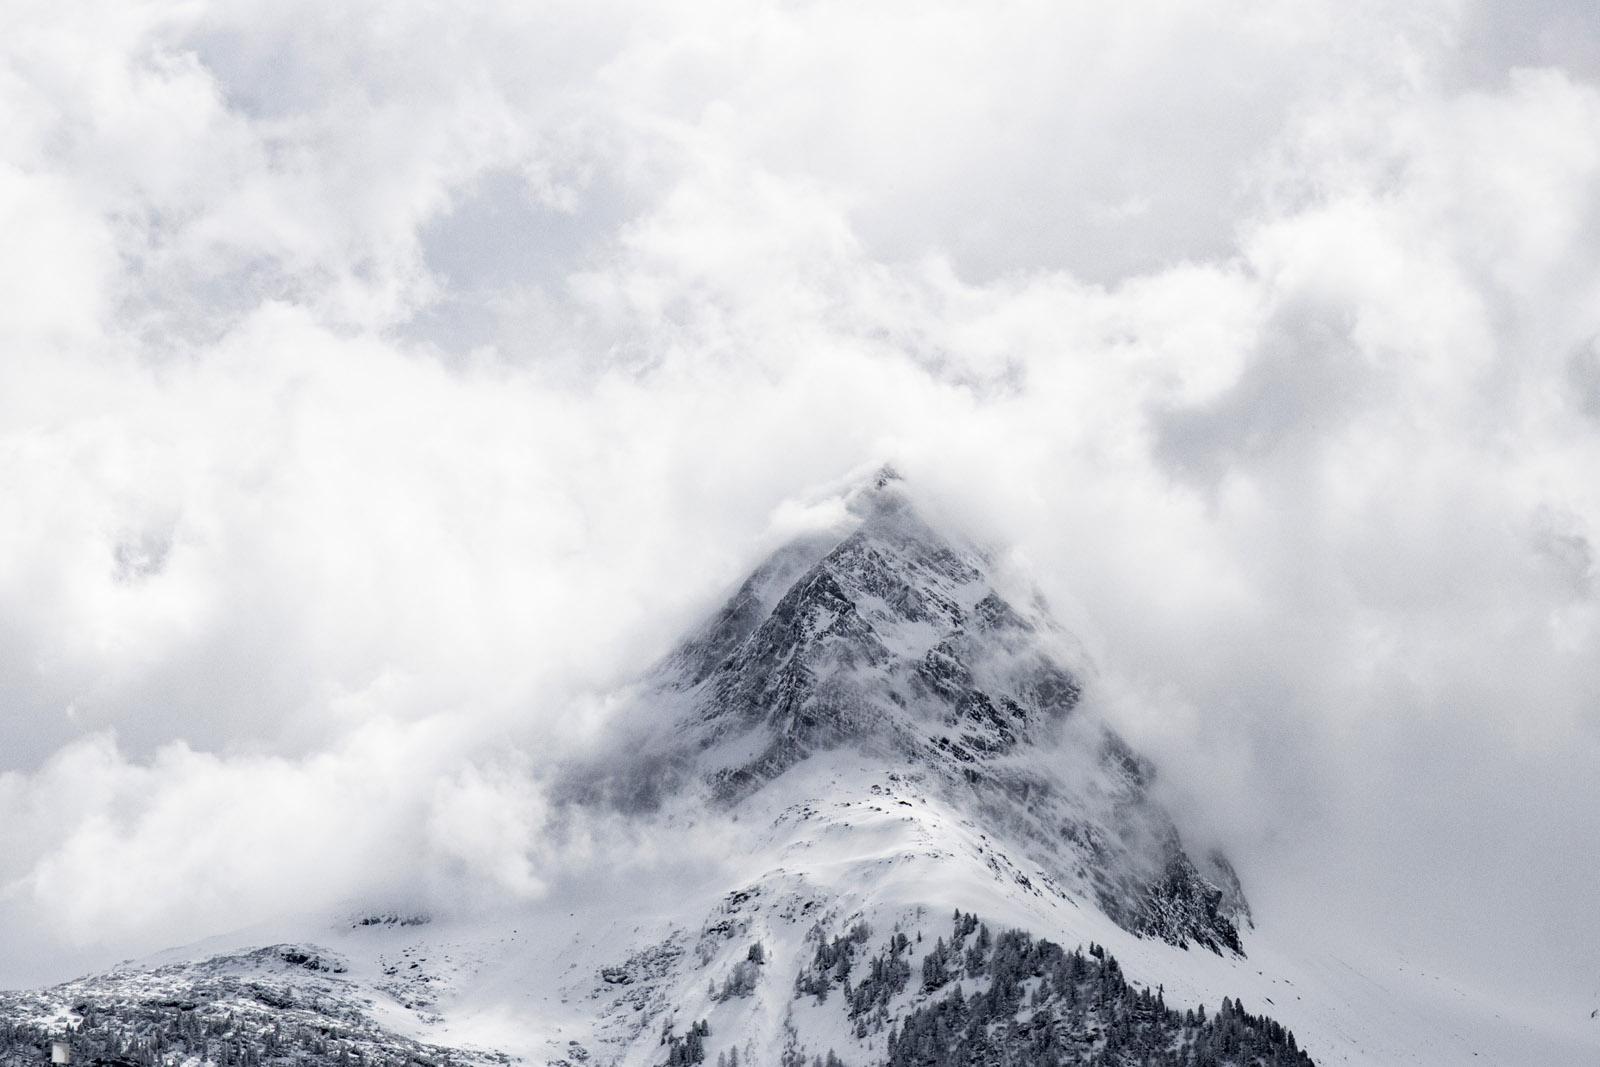 The Alps - Faszinierend, schön und furchterregend zugleich.